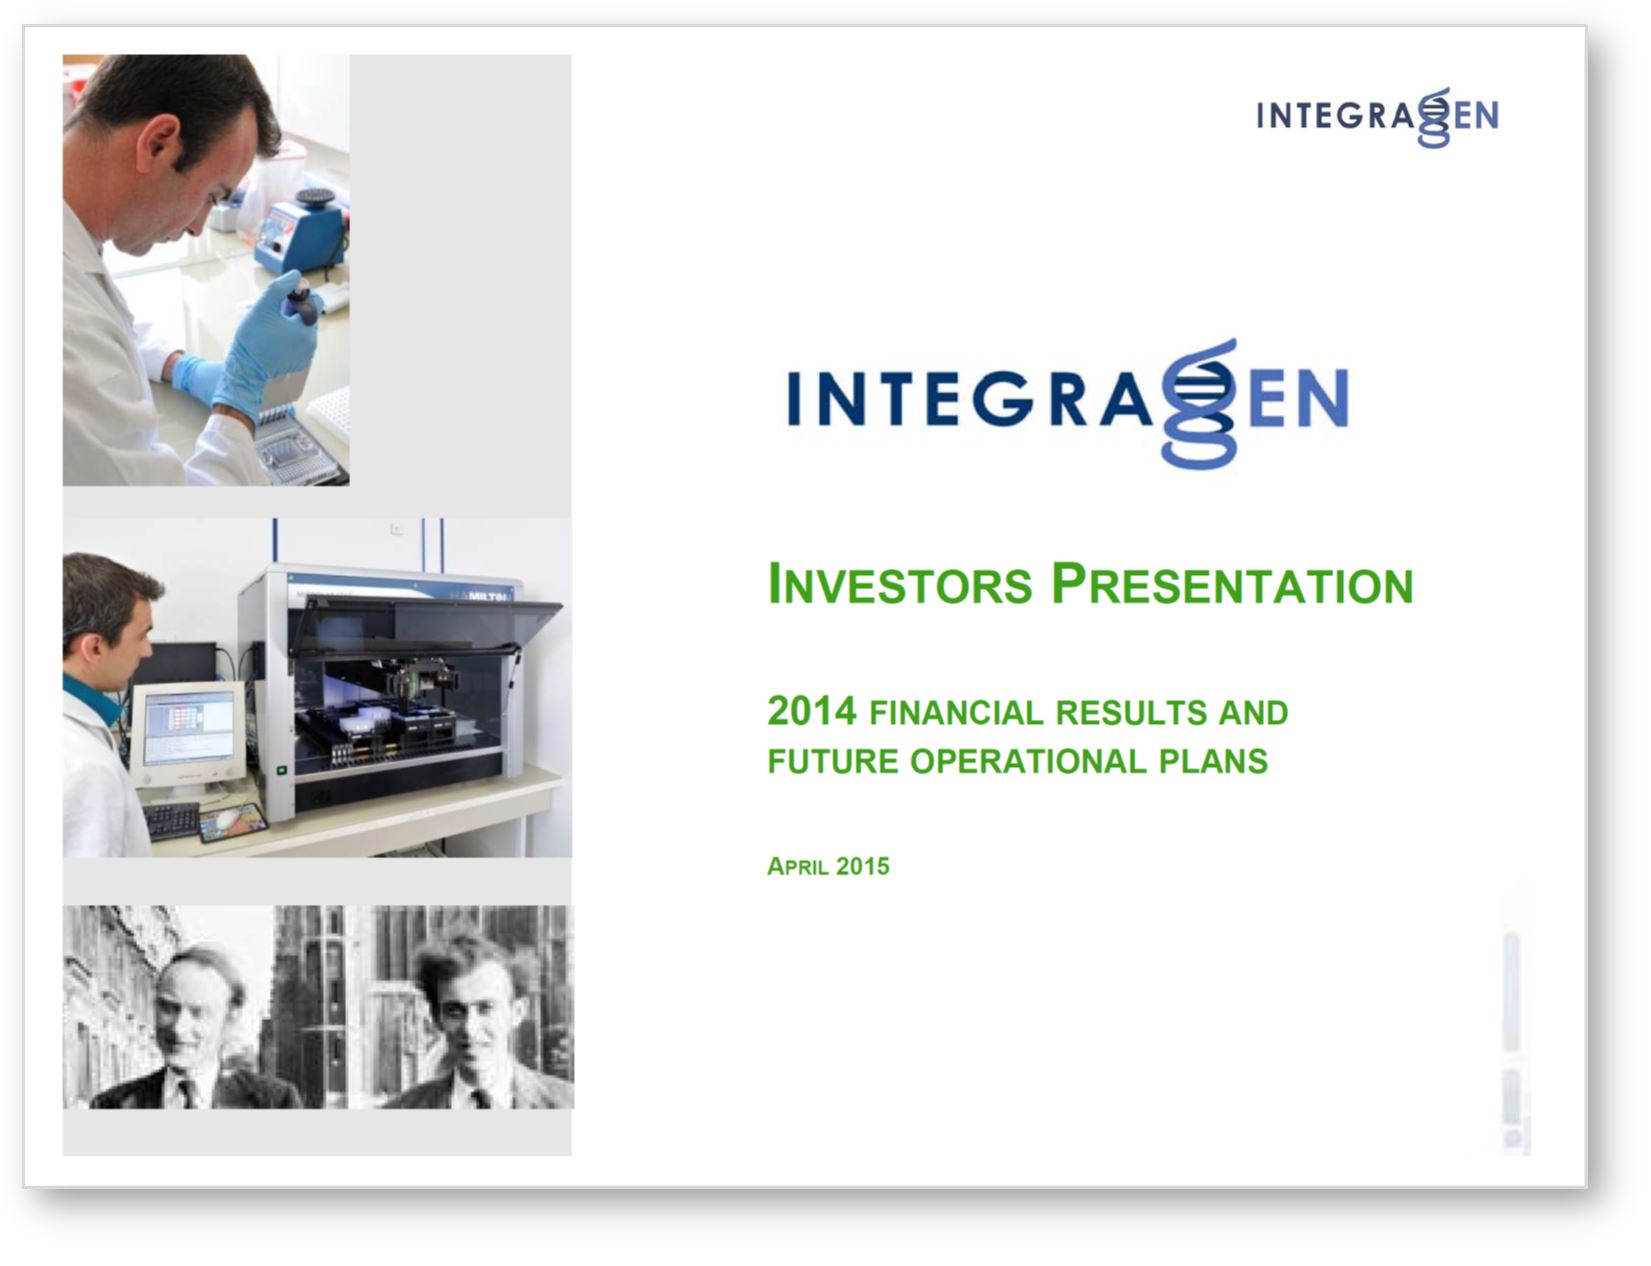 Integragen investor presentation april 2015 english